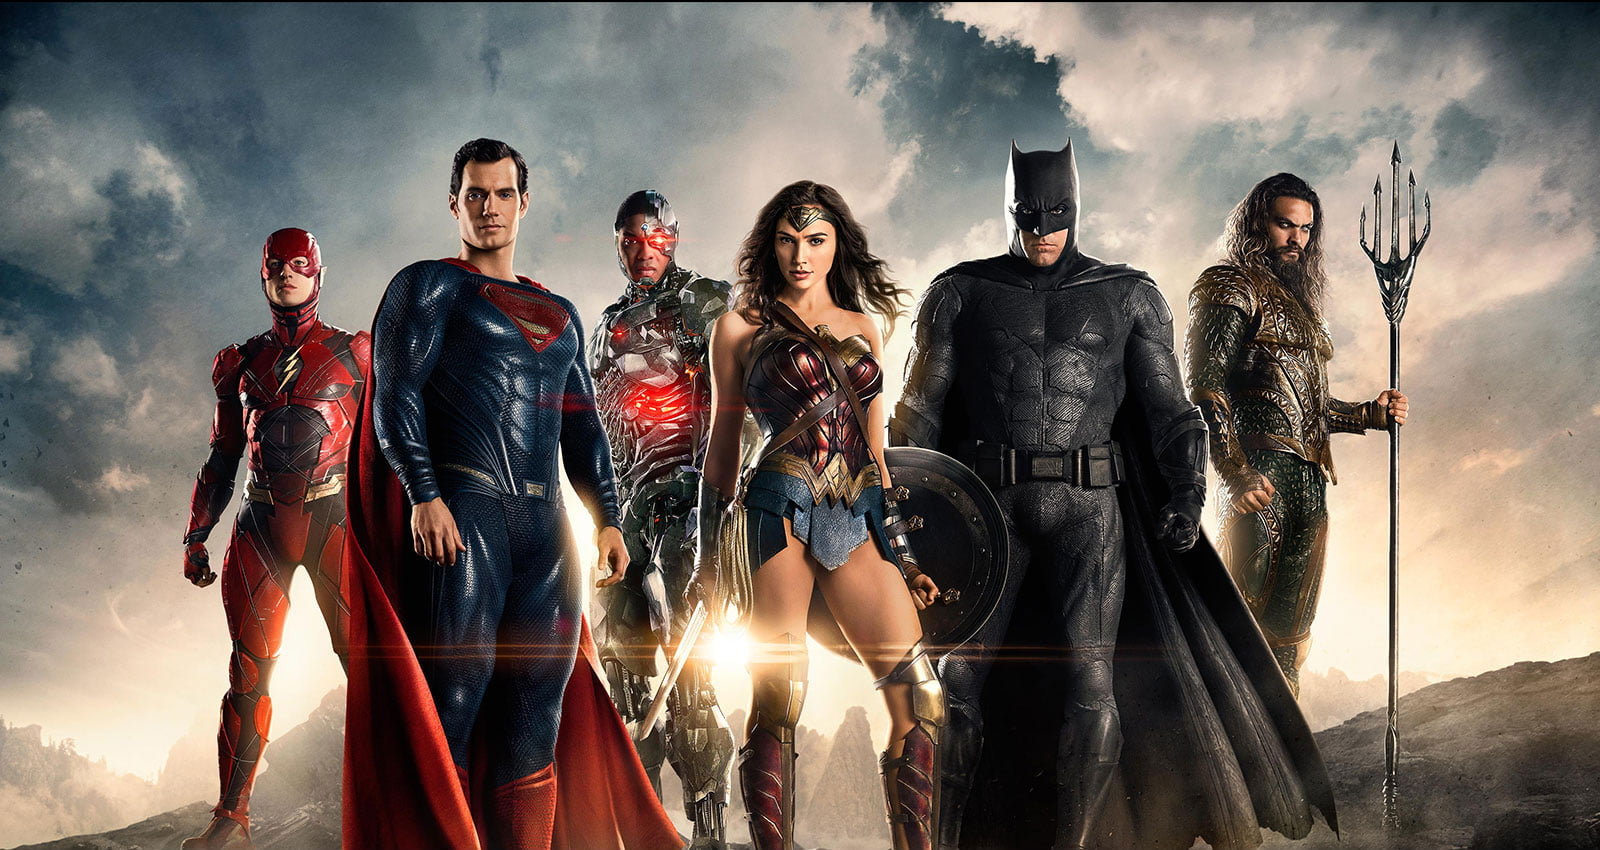 """Am 16. November kommt """"Justice League"""" in die Kinos. Warner Bros. bewirbt den Film mit einer VR-Erfahrung, die gestaffelt ausgerollt wird."""